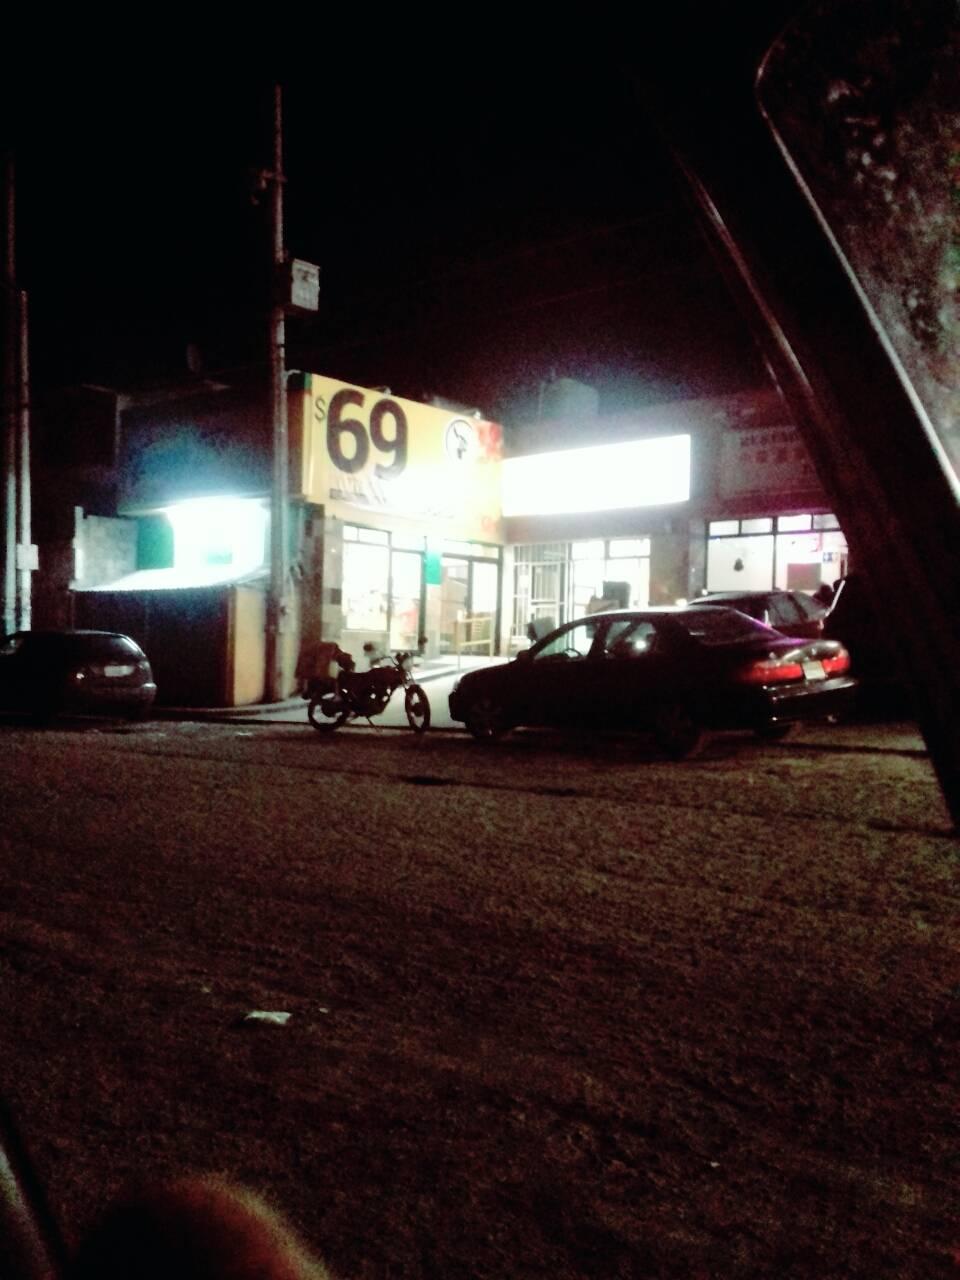 Tooginos Pizza - Villa del Prado - meal delivery  | Photo 6 of 7 | Address: Calle Abeto s/n, Fracc. Urbi Villa 2da. Secc., 22101 Tijuana, B.C., Mexico | Phone: 664 979 8989